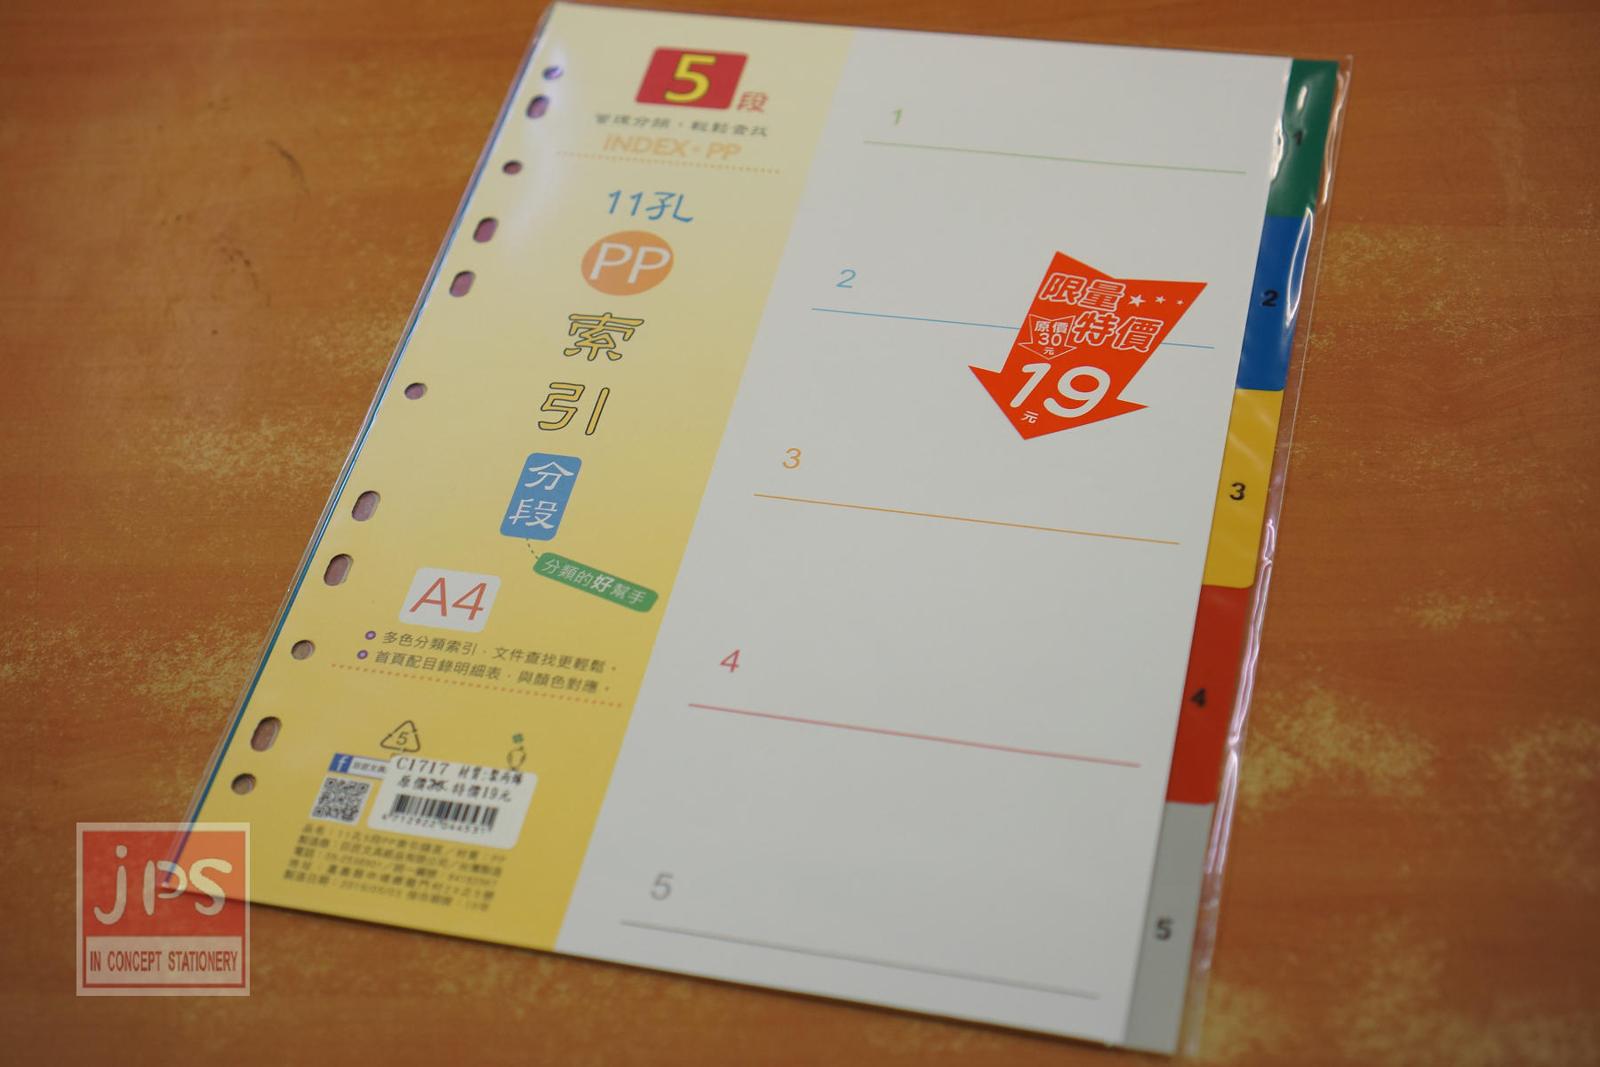 巨匠 A4 11孔 5段 PP索引隔頁 分段卡